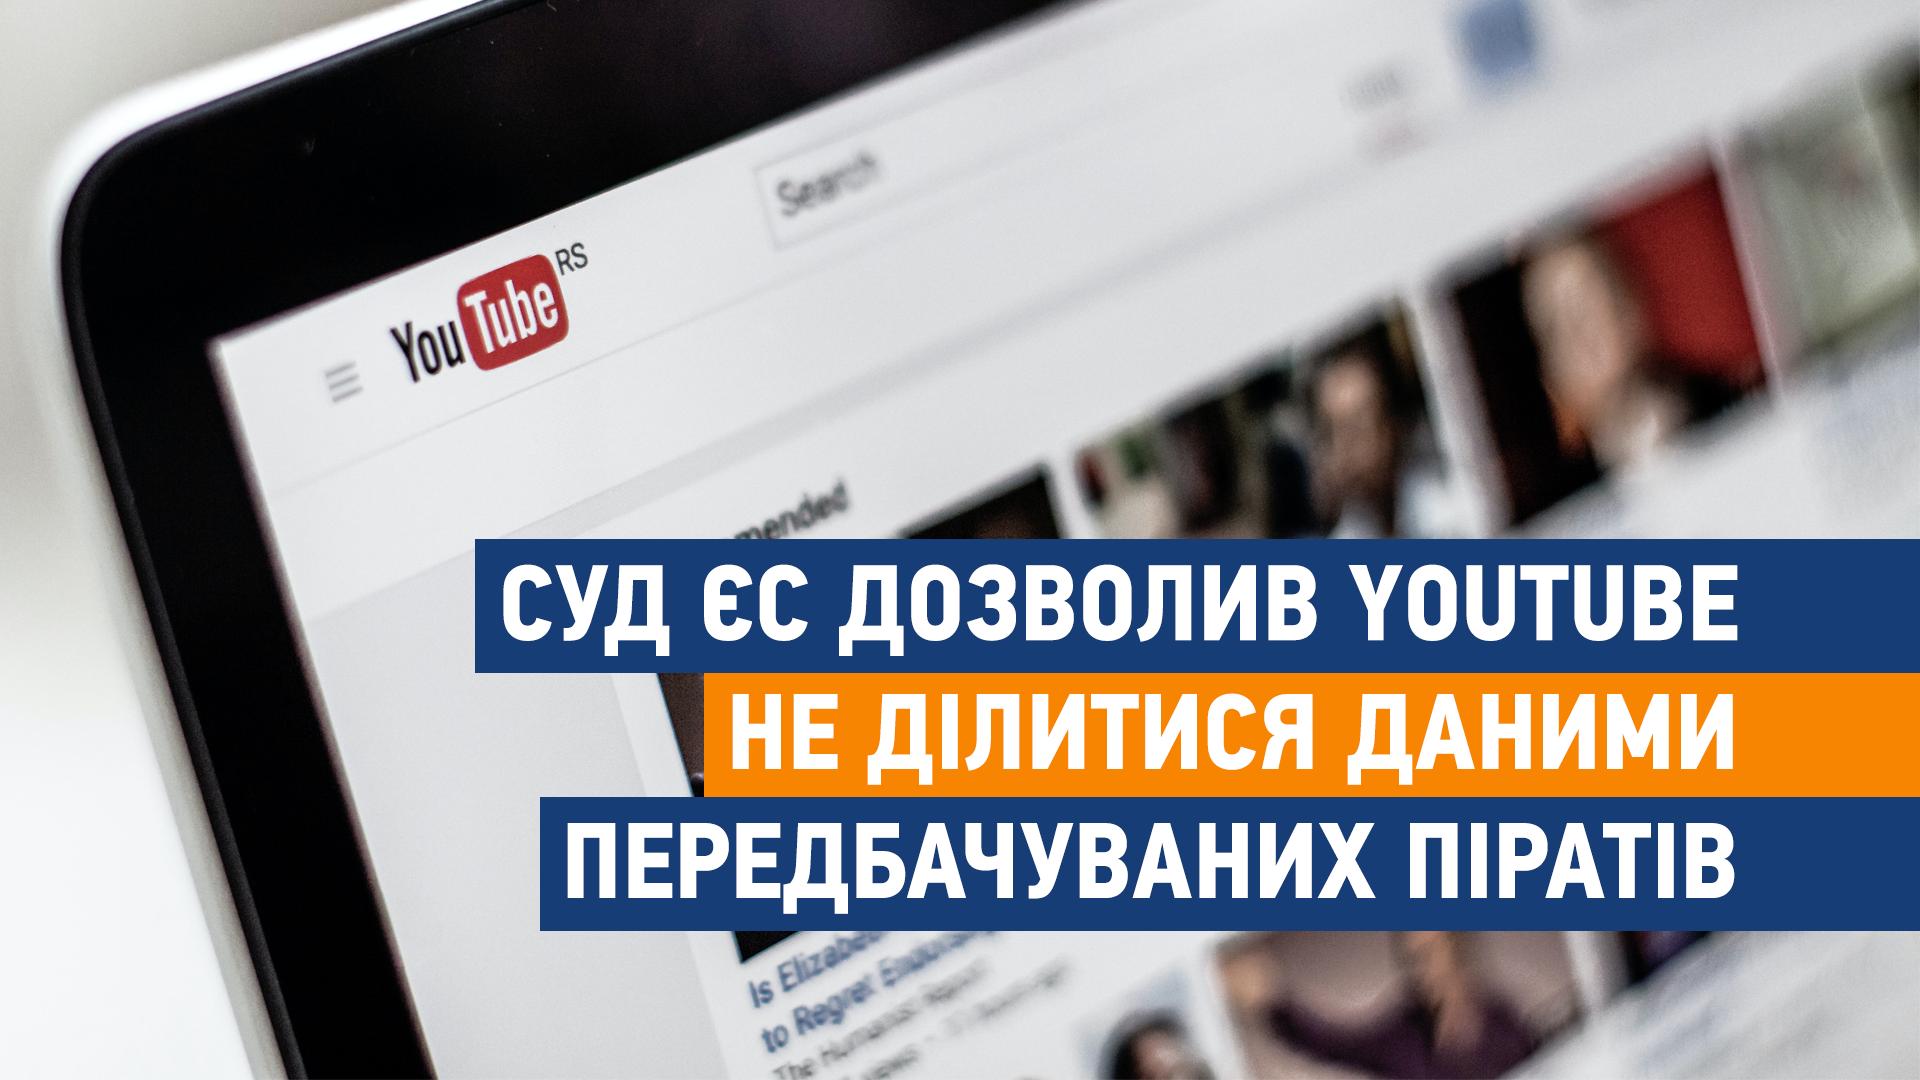 Суд ЄС дозволив YouTube не ділитися даними передбачуваних піратів - ЄС, youtube, google - poglyad best 1